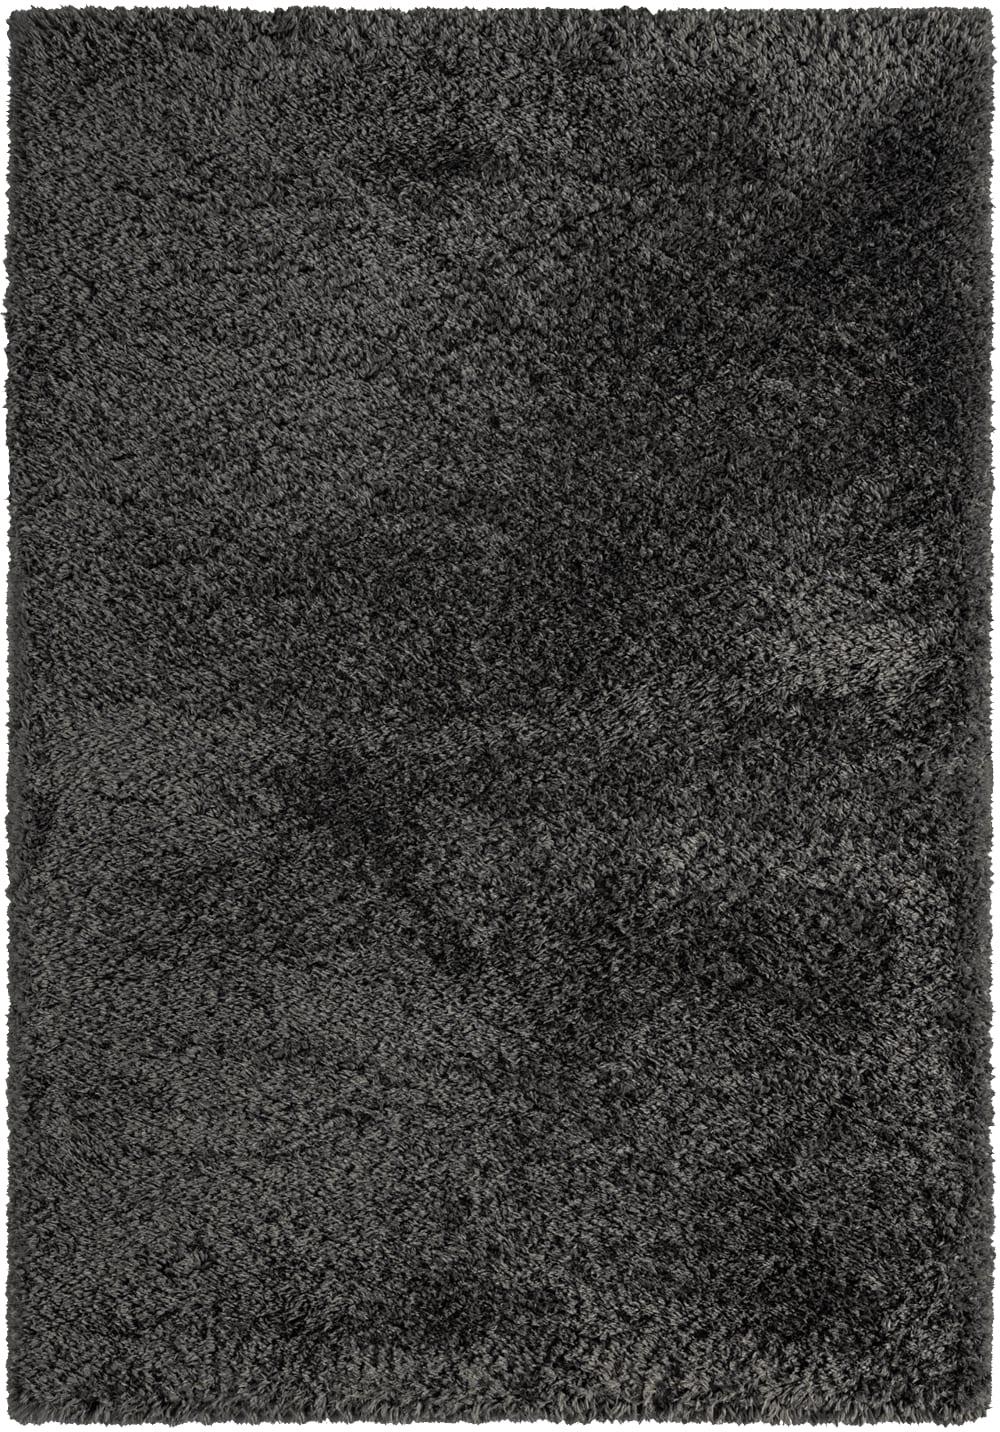 Tapis éco-responsable uni anthracite 120x160